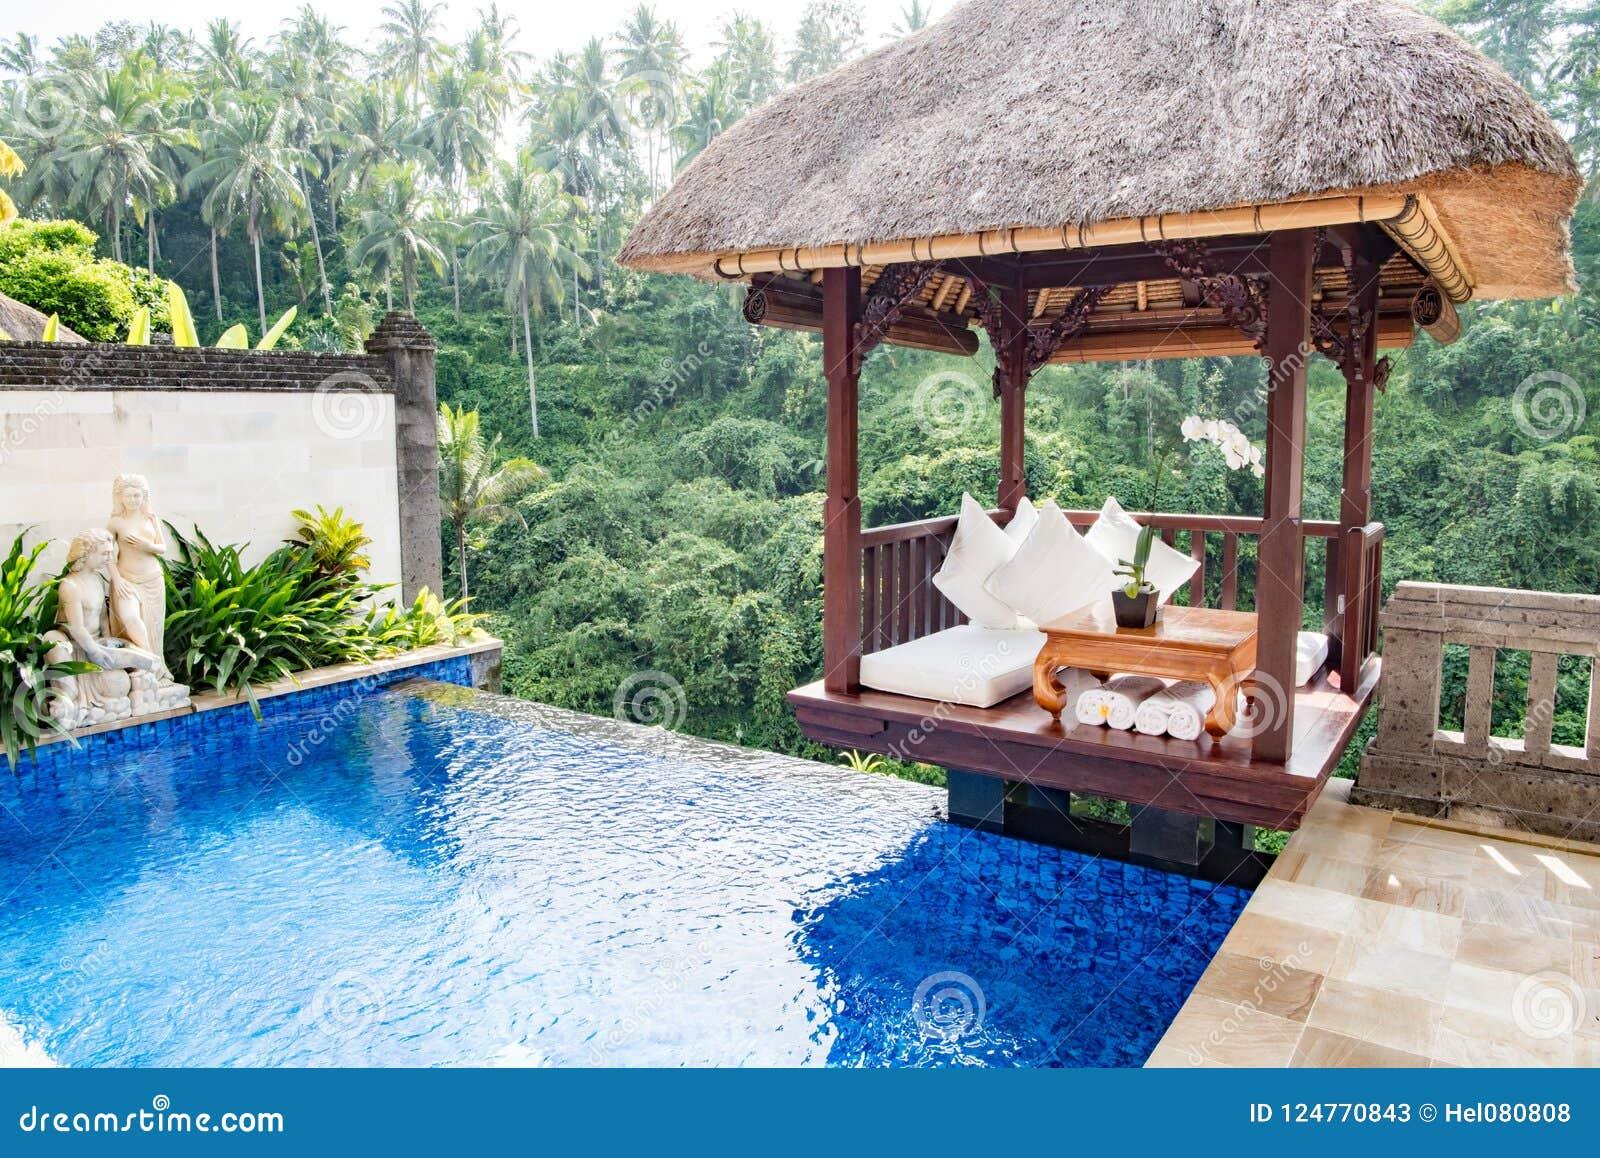 Ιδιωτική λίμνη στον από το Μπαλί αντιβασιλέα θερέτρου, Ubud, Μπαλί, ξενοδοχείο στην άκρη του τροπικού δάσους σε Ubud